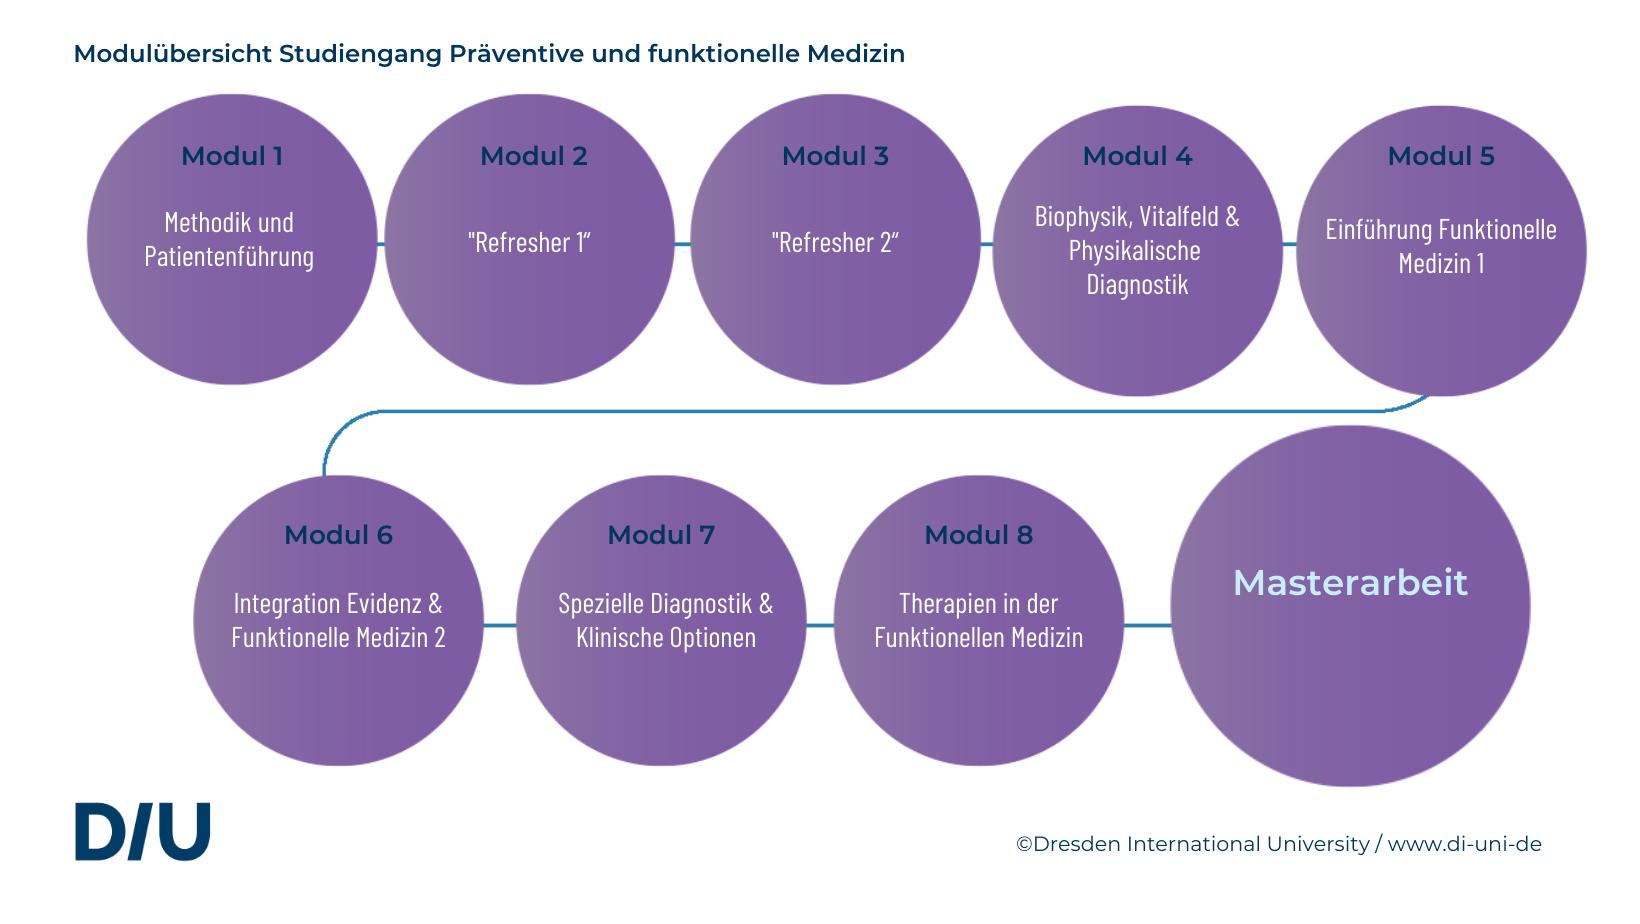 Studieninhalte Präventive und Funktionelle Medizin